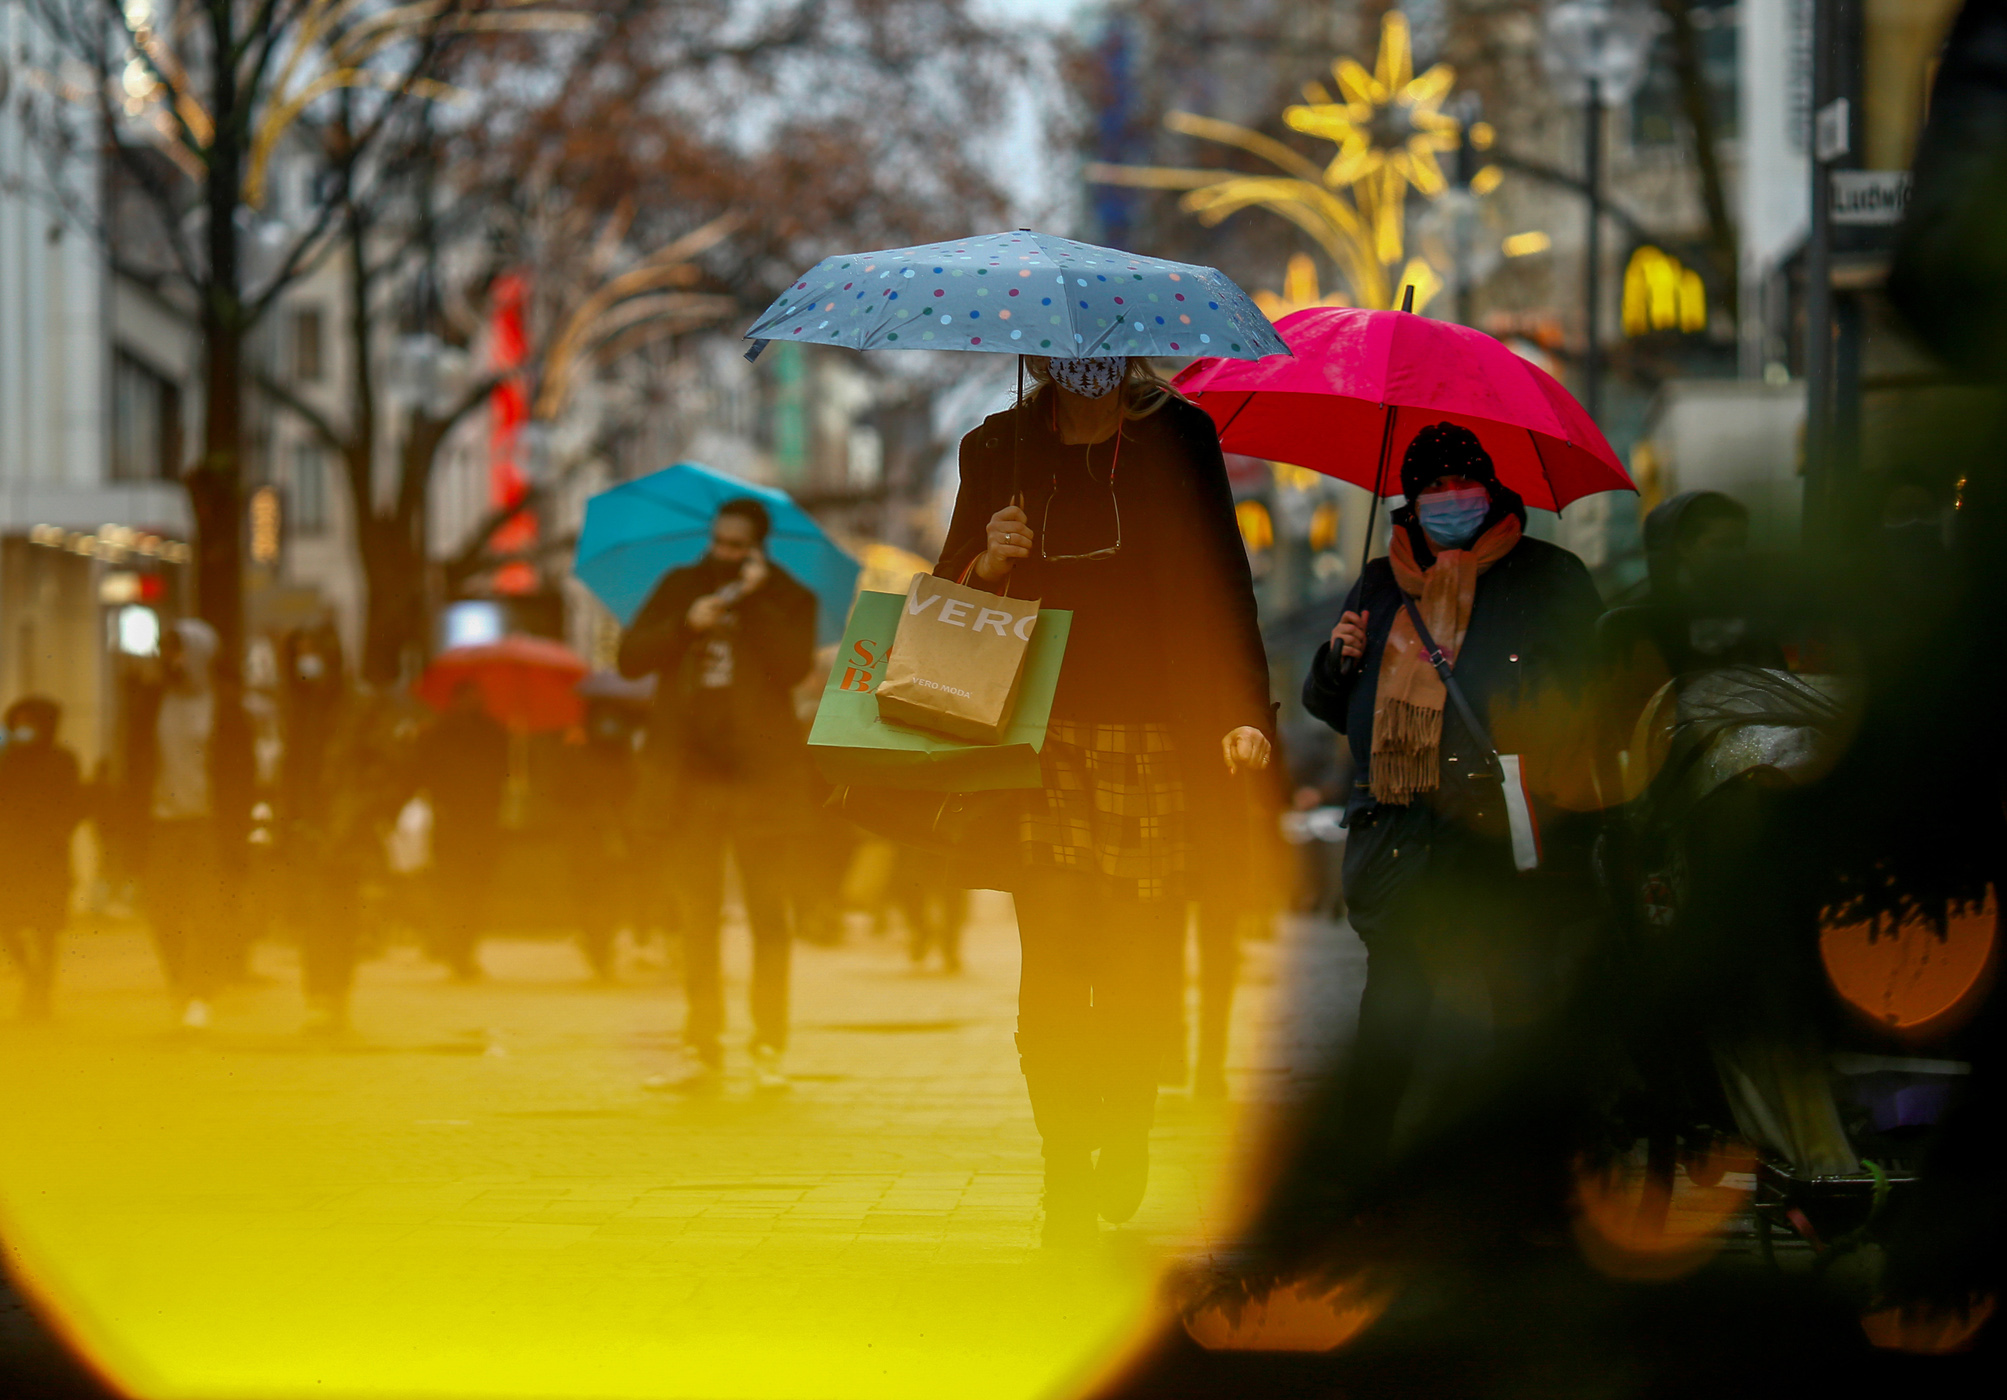 Γερμανία: «Μαύρα» Χριστούγεννα προβλέπει το Ινστιτούτο Ρόμπερτ Κοχ